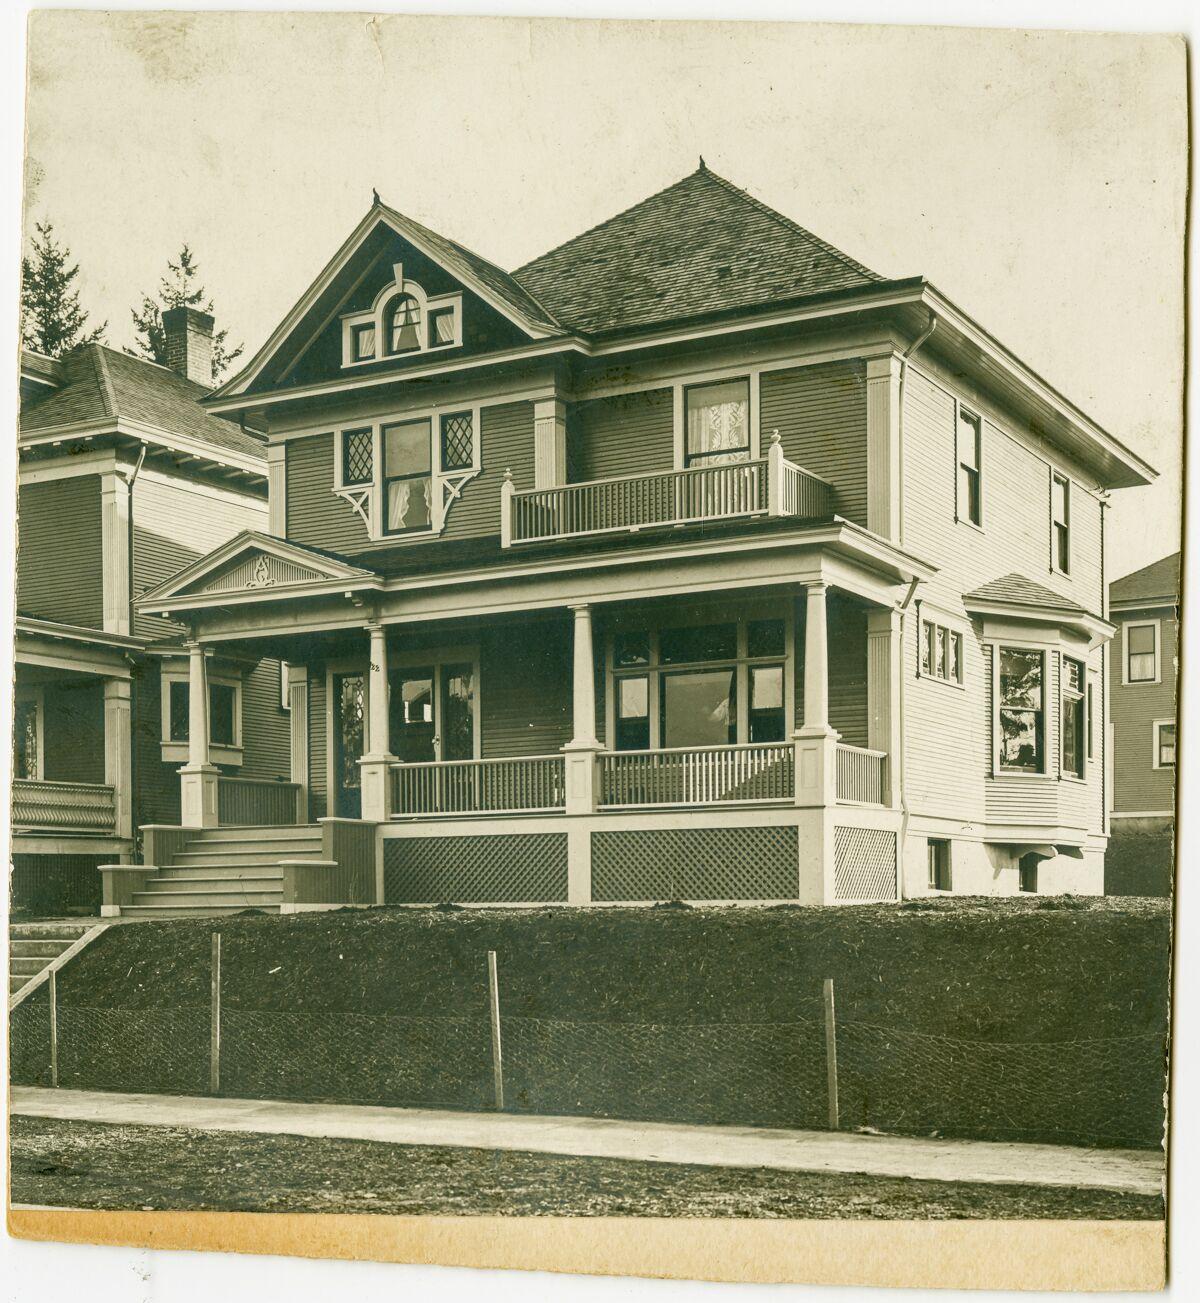 Image c. 1910, courtesy Oregon Historical Society